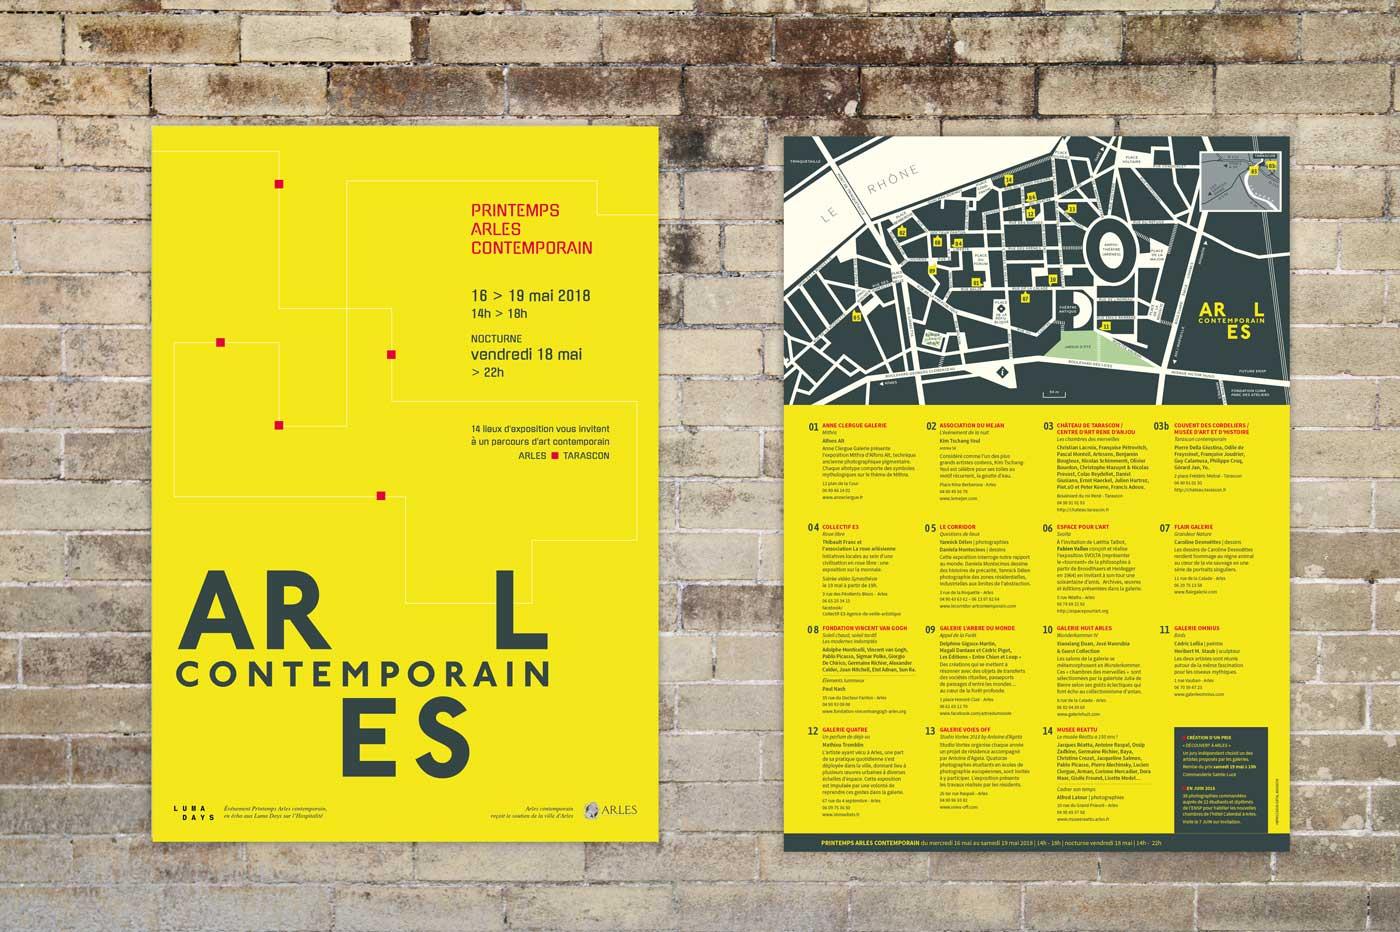 arles-contemporain-affiches-parcours-2018